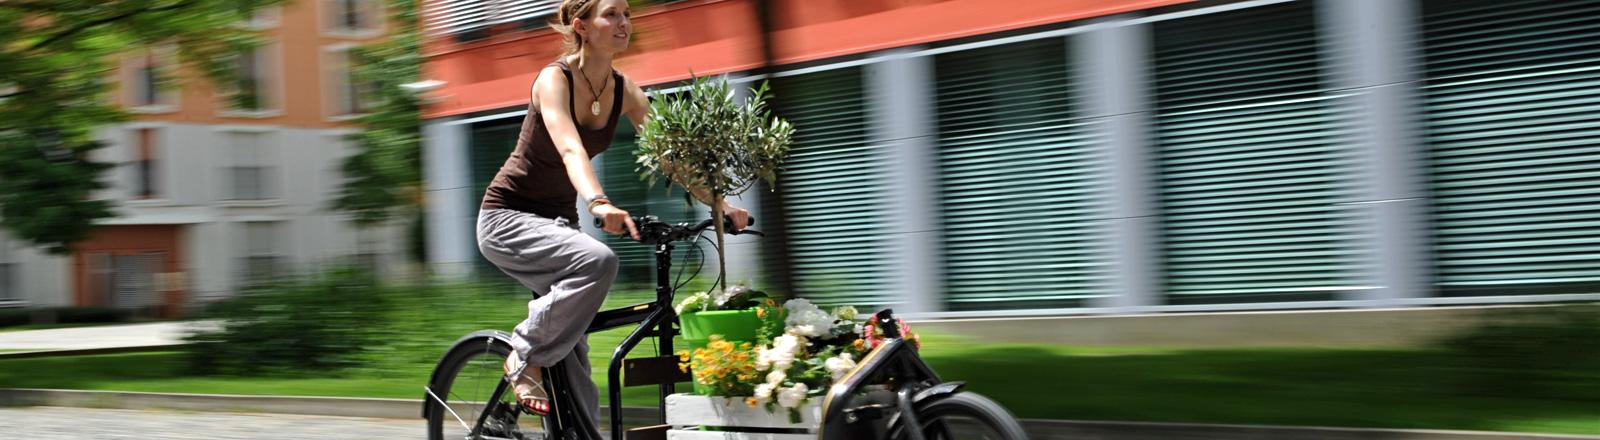 Eine Frau fährt in München mit einem Transportrad, auf dem Blumen stehen. Die Frau ist sommerlich gekleidet; Bild: dpa | Tobias Hase